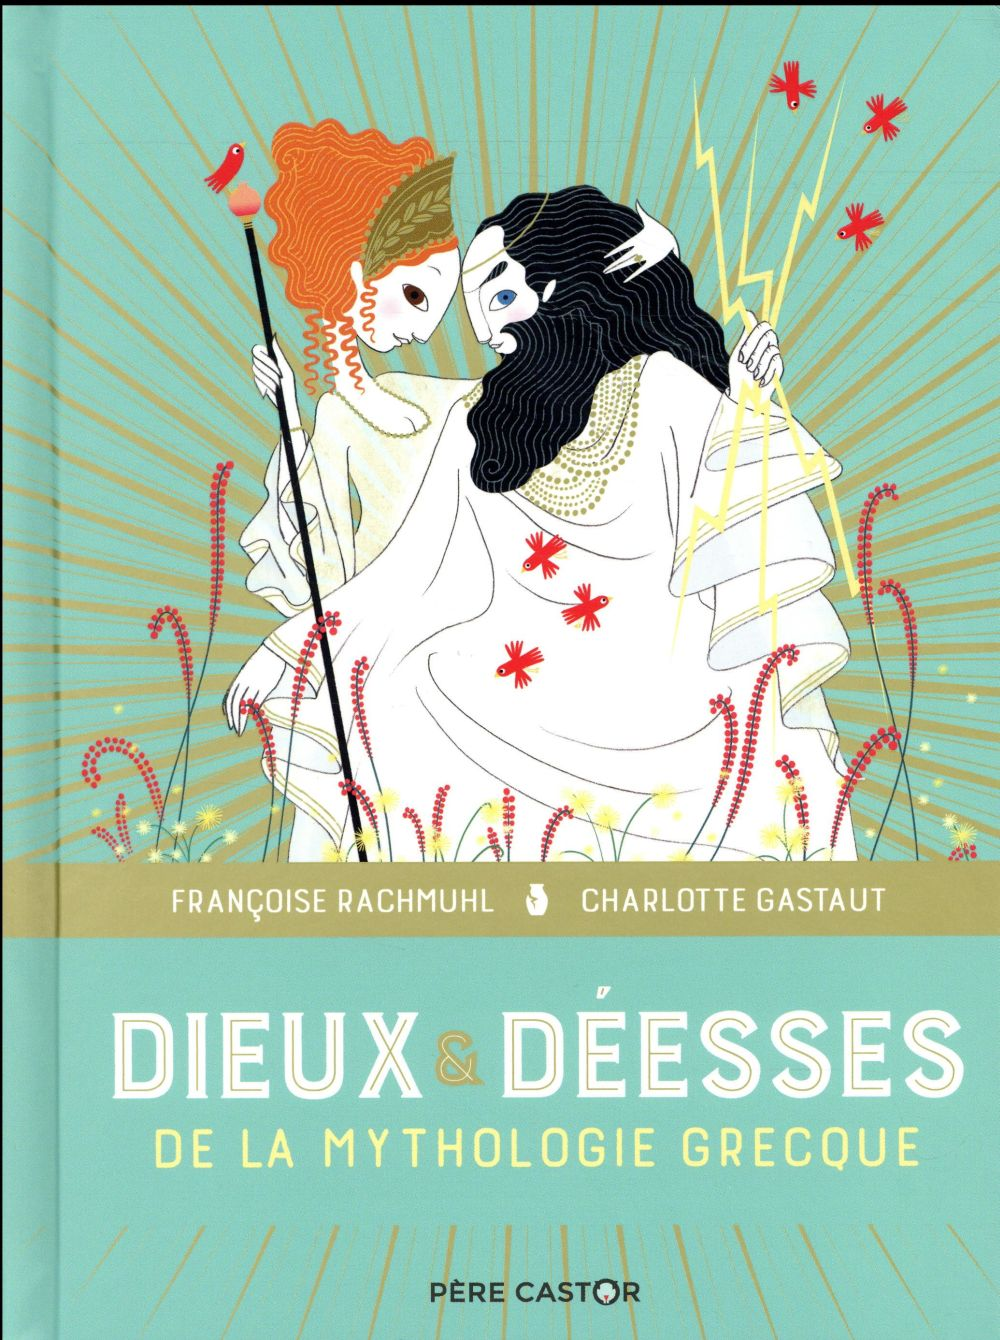 DIEUX ET DEESSES DE LA MYTHOLOGIE GRECQUE RACHMUHL/GASTAUT FLAMMARION